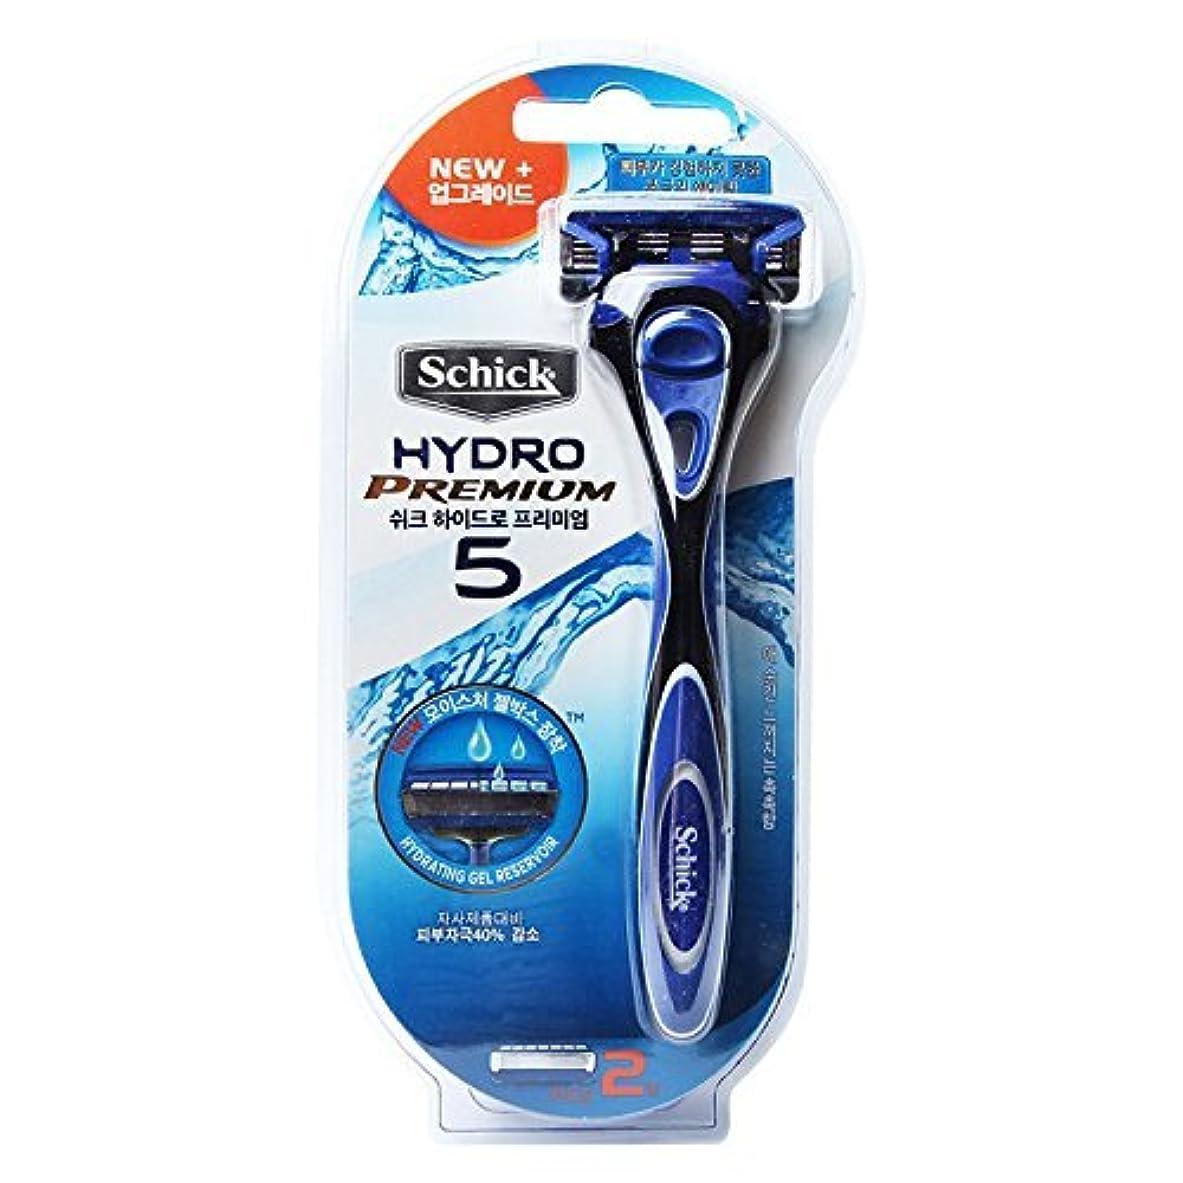 倍率荒涼としたスポーツの試合を担当している人Schick Hydro 5 Premium トリマーで男性と2カミソリ詰め替え用カミソリ [並行輸入品]